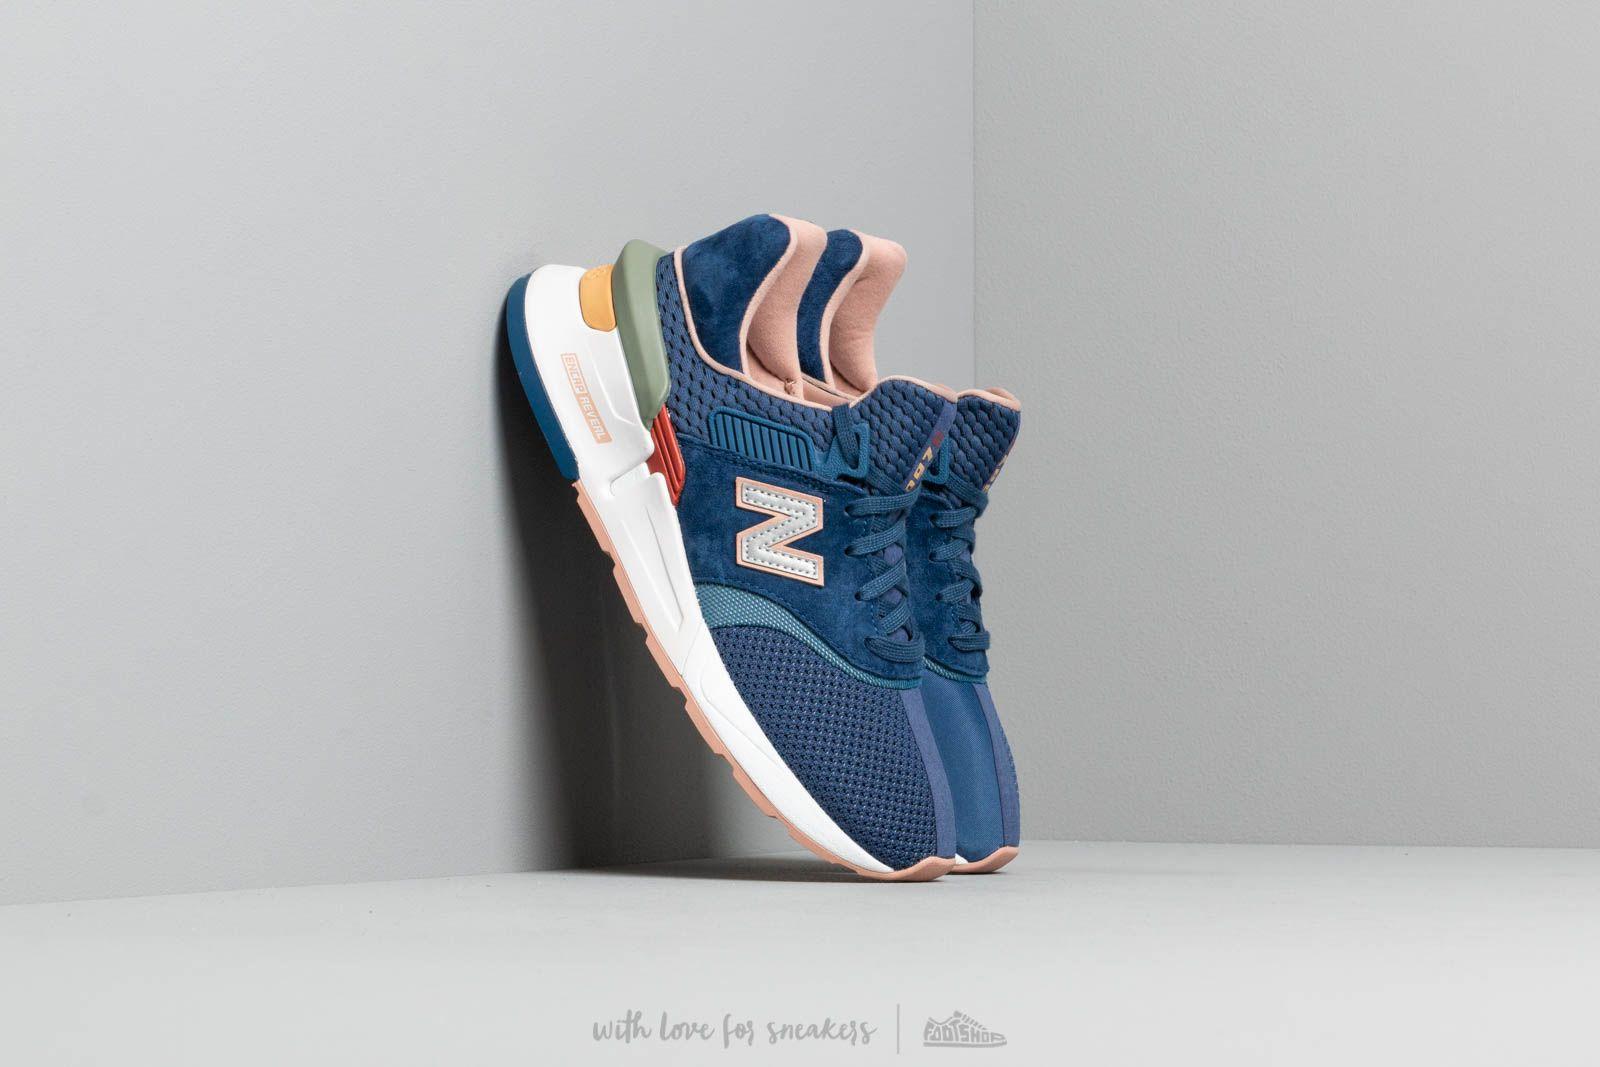 New Balance 997 Blue/ White/ Multicolor za skvělou cenu 3 590 Kč koupíte na Footshop.cz